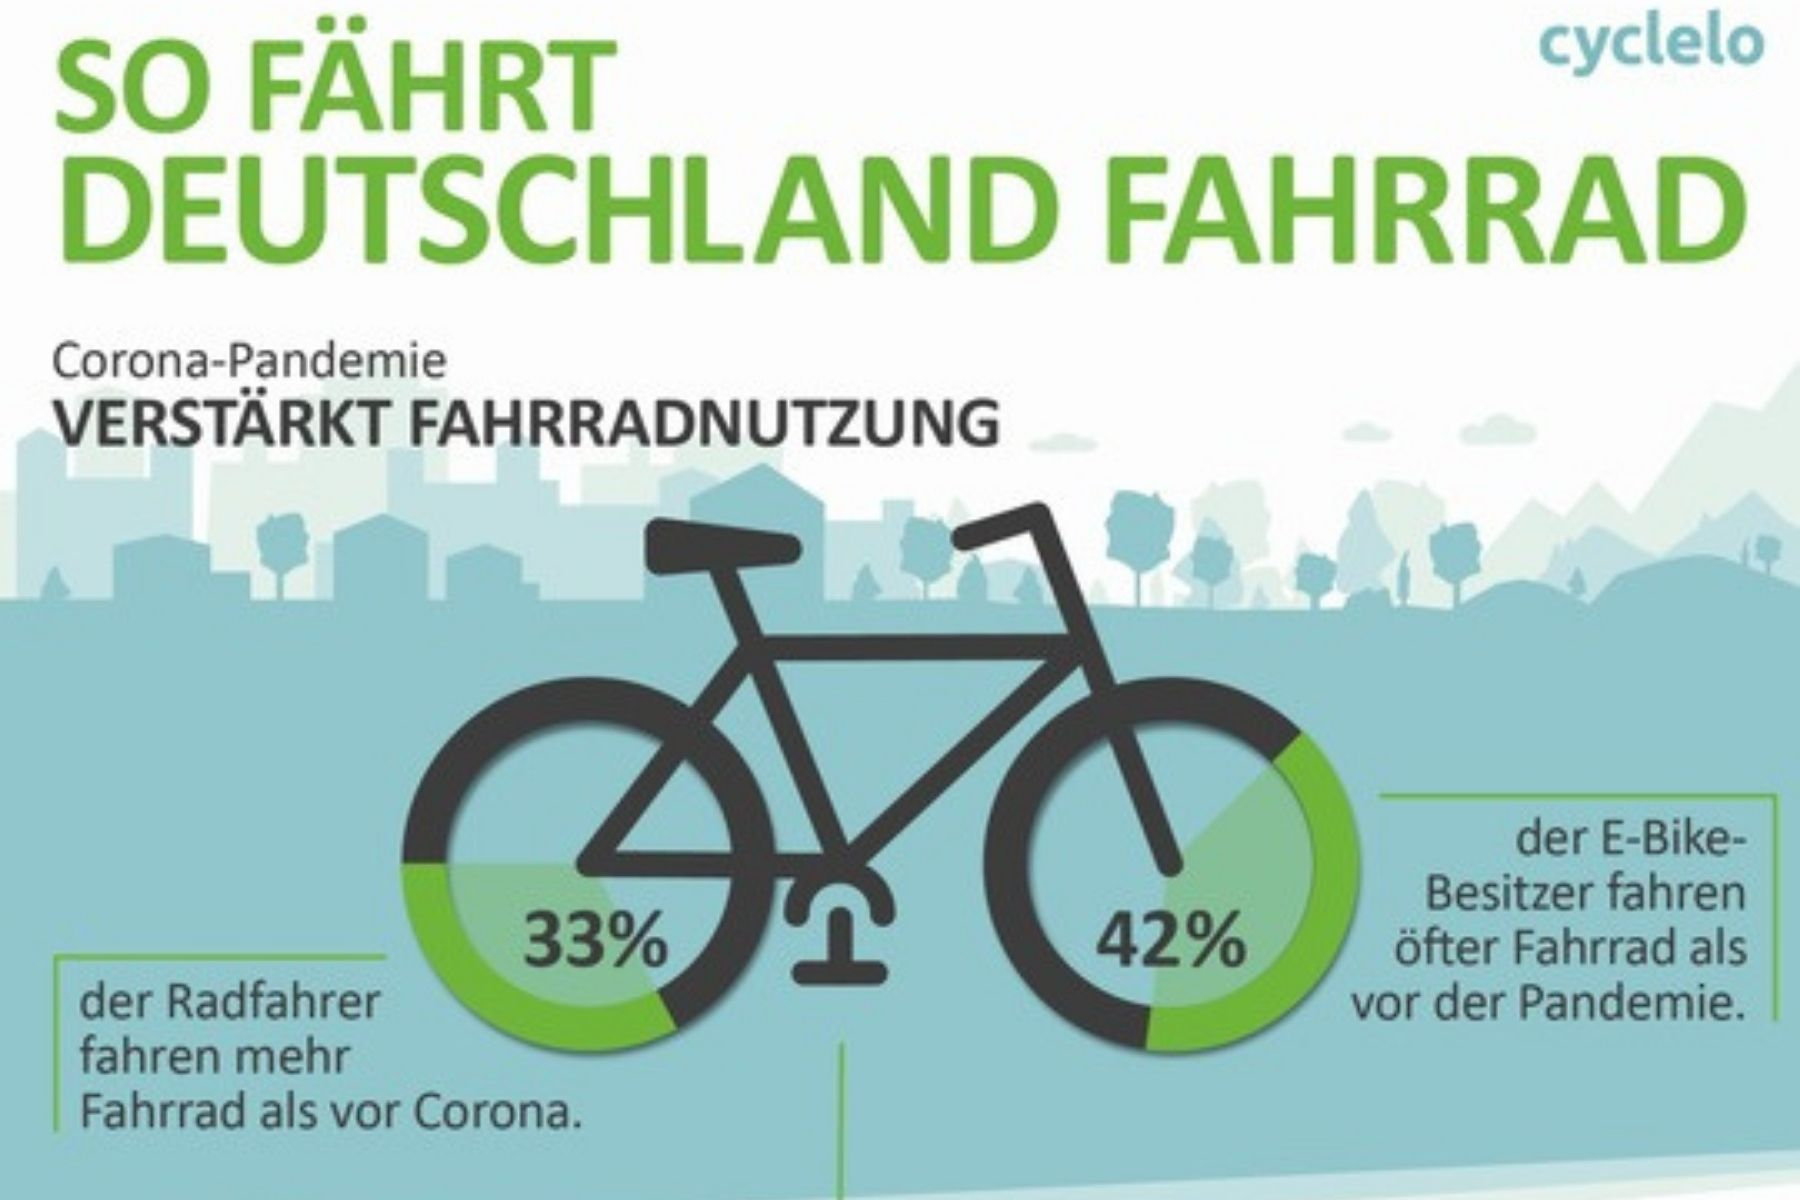 Umfrage Weltfahrradtag: So fährt Deutschland Fahrrad